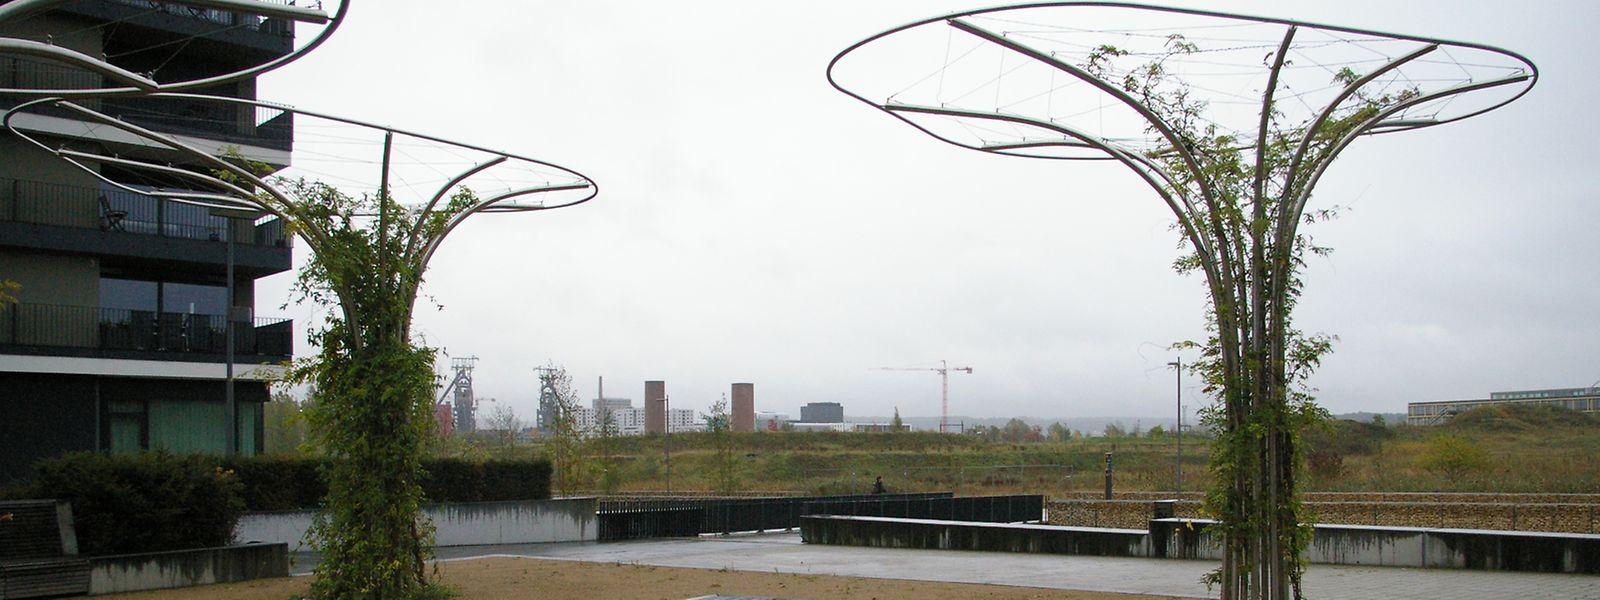 Die Ediffschule und die neue Grundschule sollen in Belval-Sud, unweit des hier abgebildeten Marcelle Lentz-Cornette-Platzes entstehen.